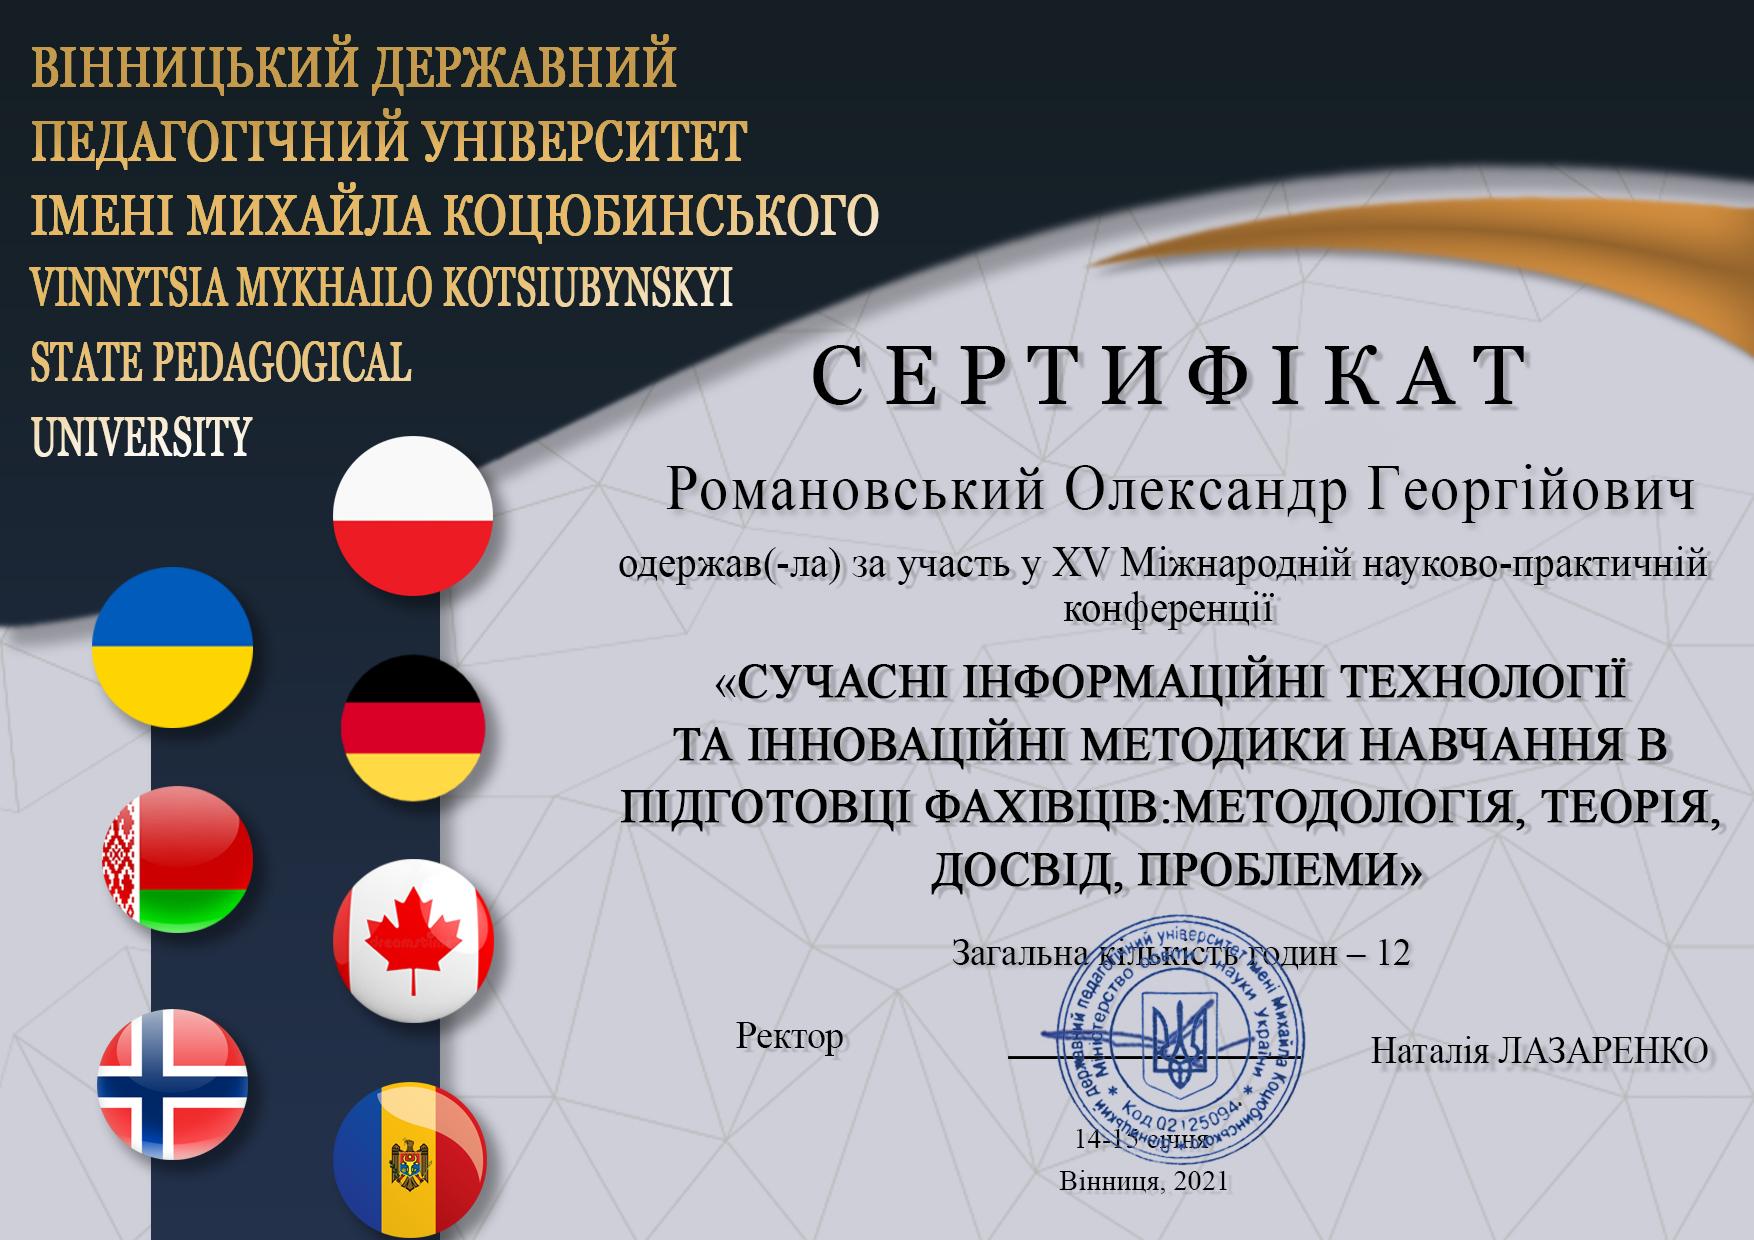 Романовський Олександр Георгійович